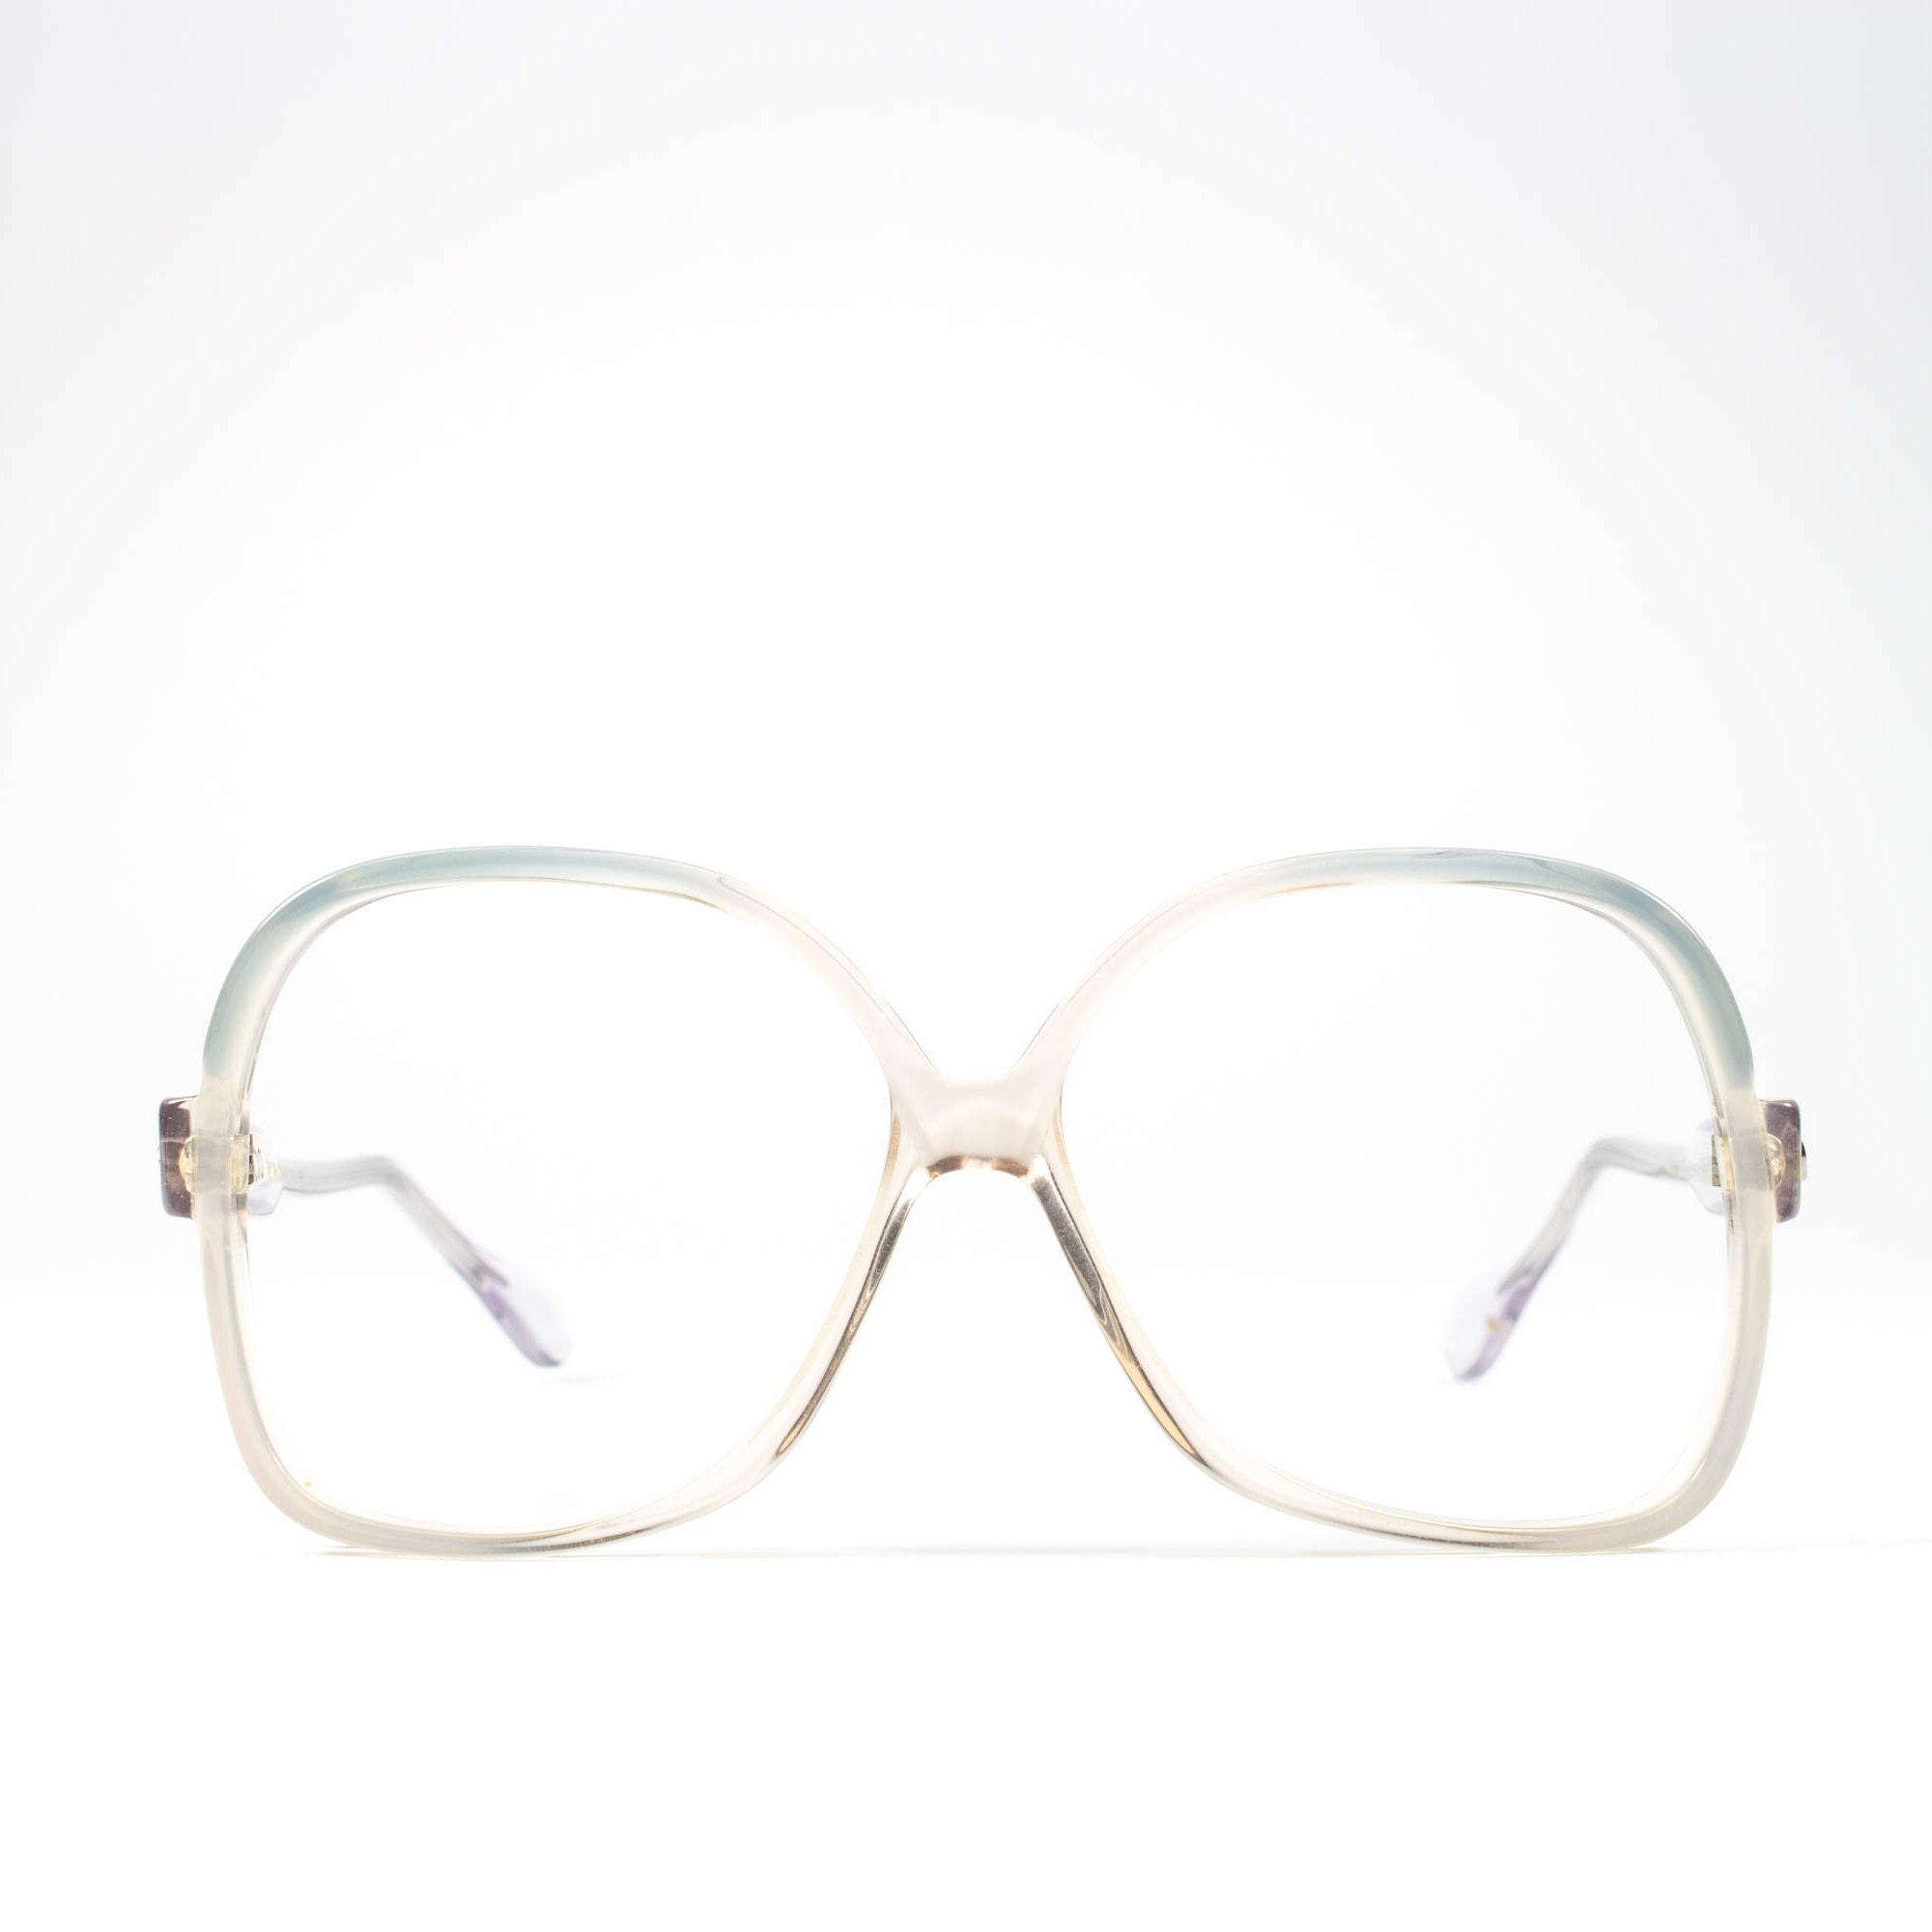 Vintage Eyeglasses | 70s Glasses | 1970s Oversized Glasses Frames ...